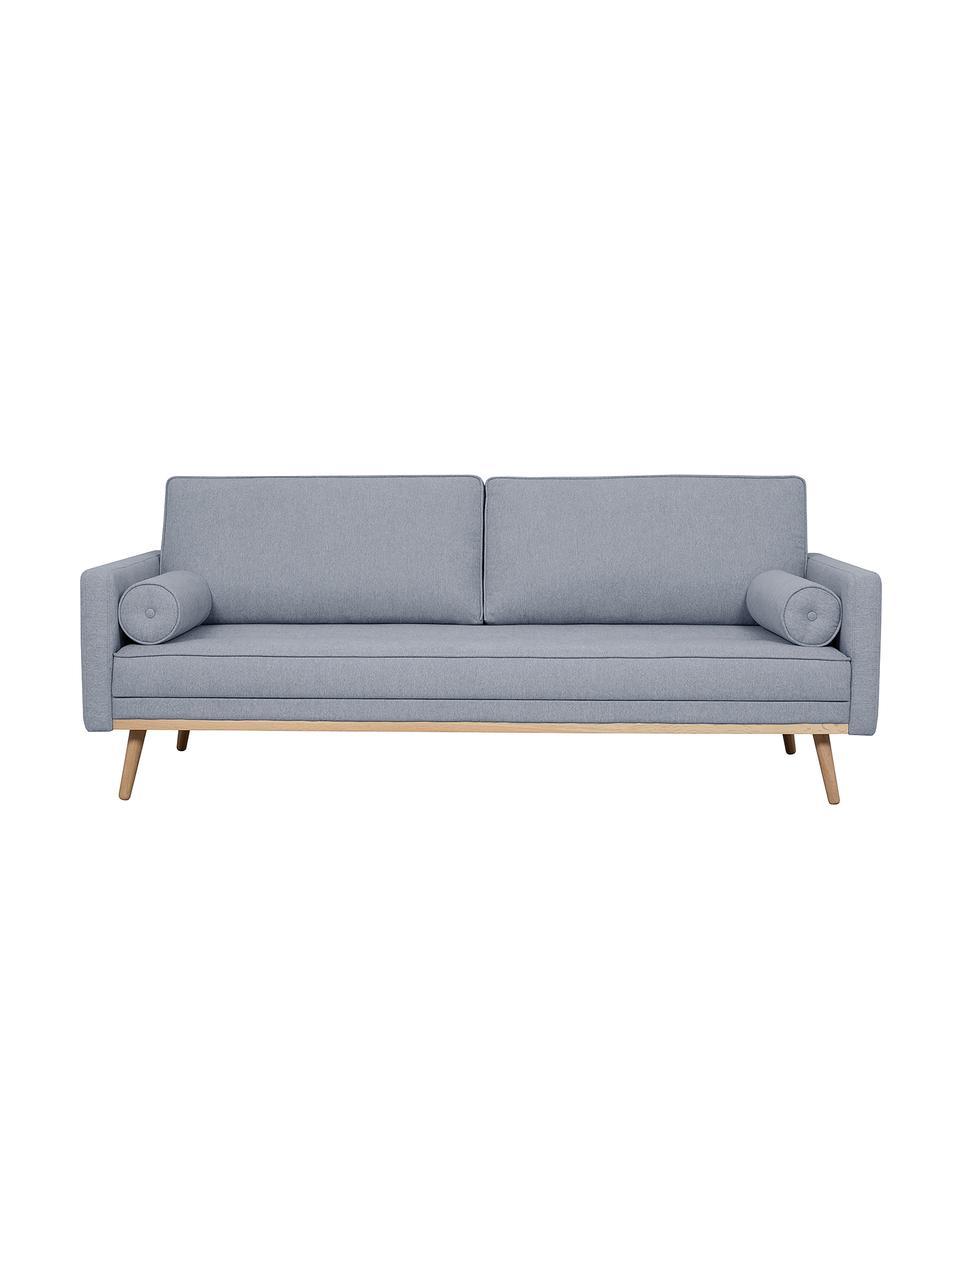 Canapé 3places bleu-gris Saint, Tissu bleu-gris